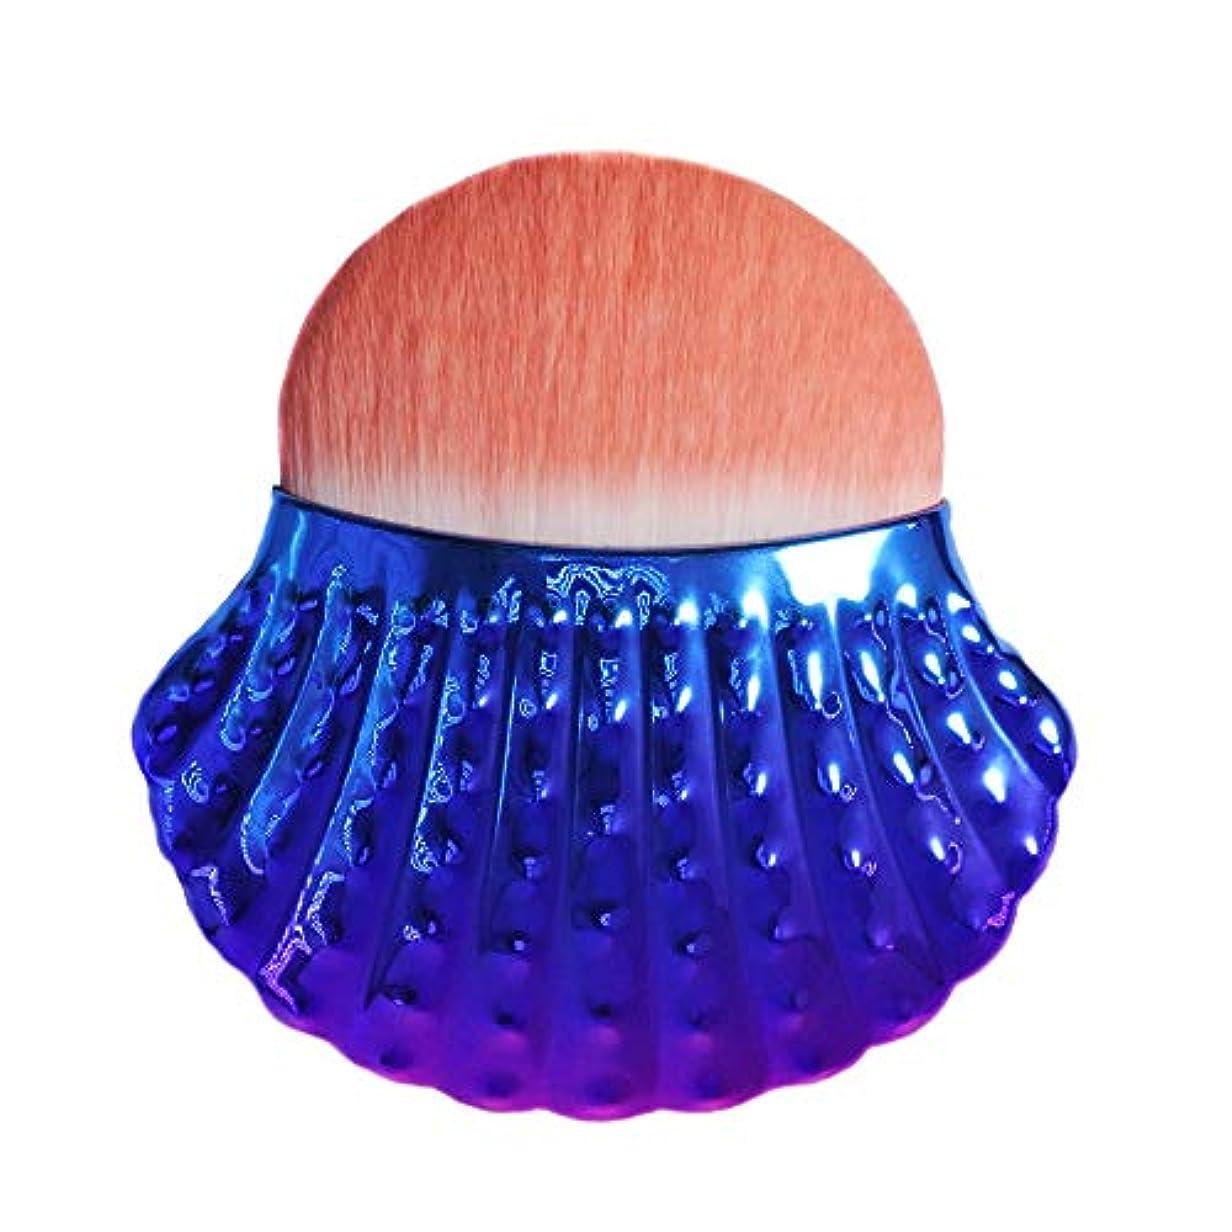 ナンセンスに対処する規模Makeup brushes 青、独占シェルタイプブラッシュブラシ美容メイクブラシツールポータブル多機能メイクブラシ suits (Color : Blue)